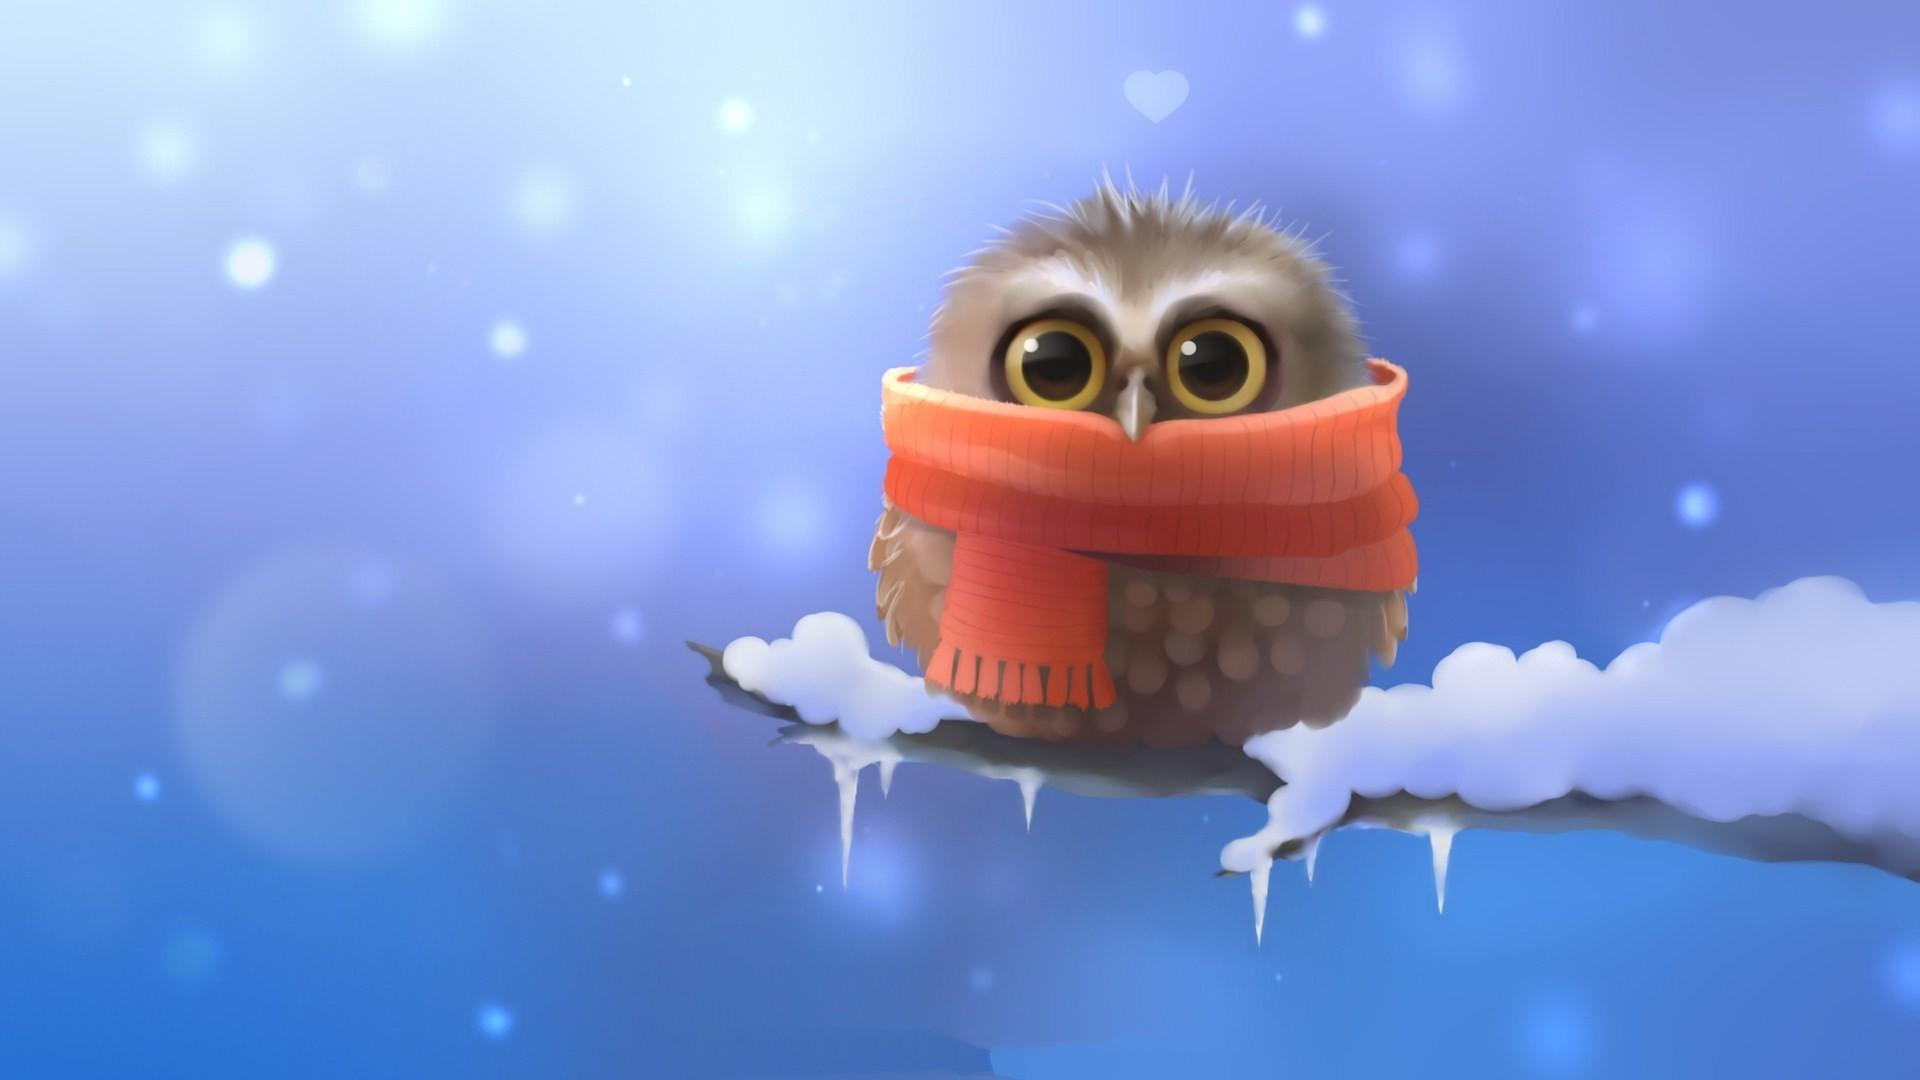 Cute Winter Owl HQ.